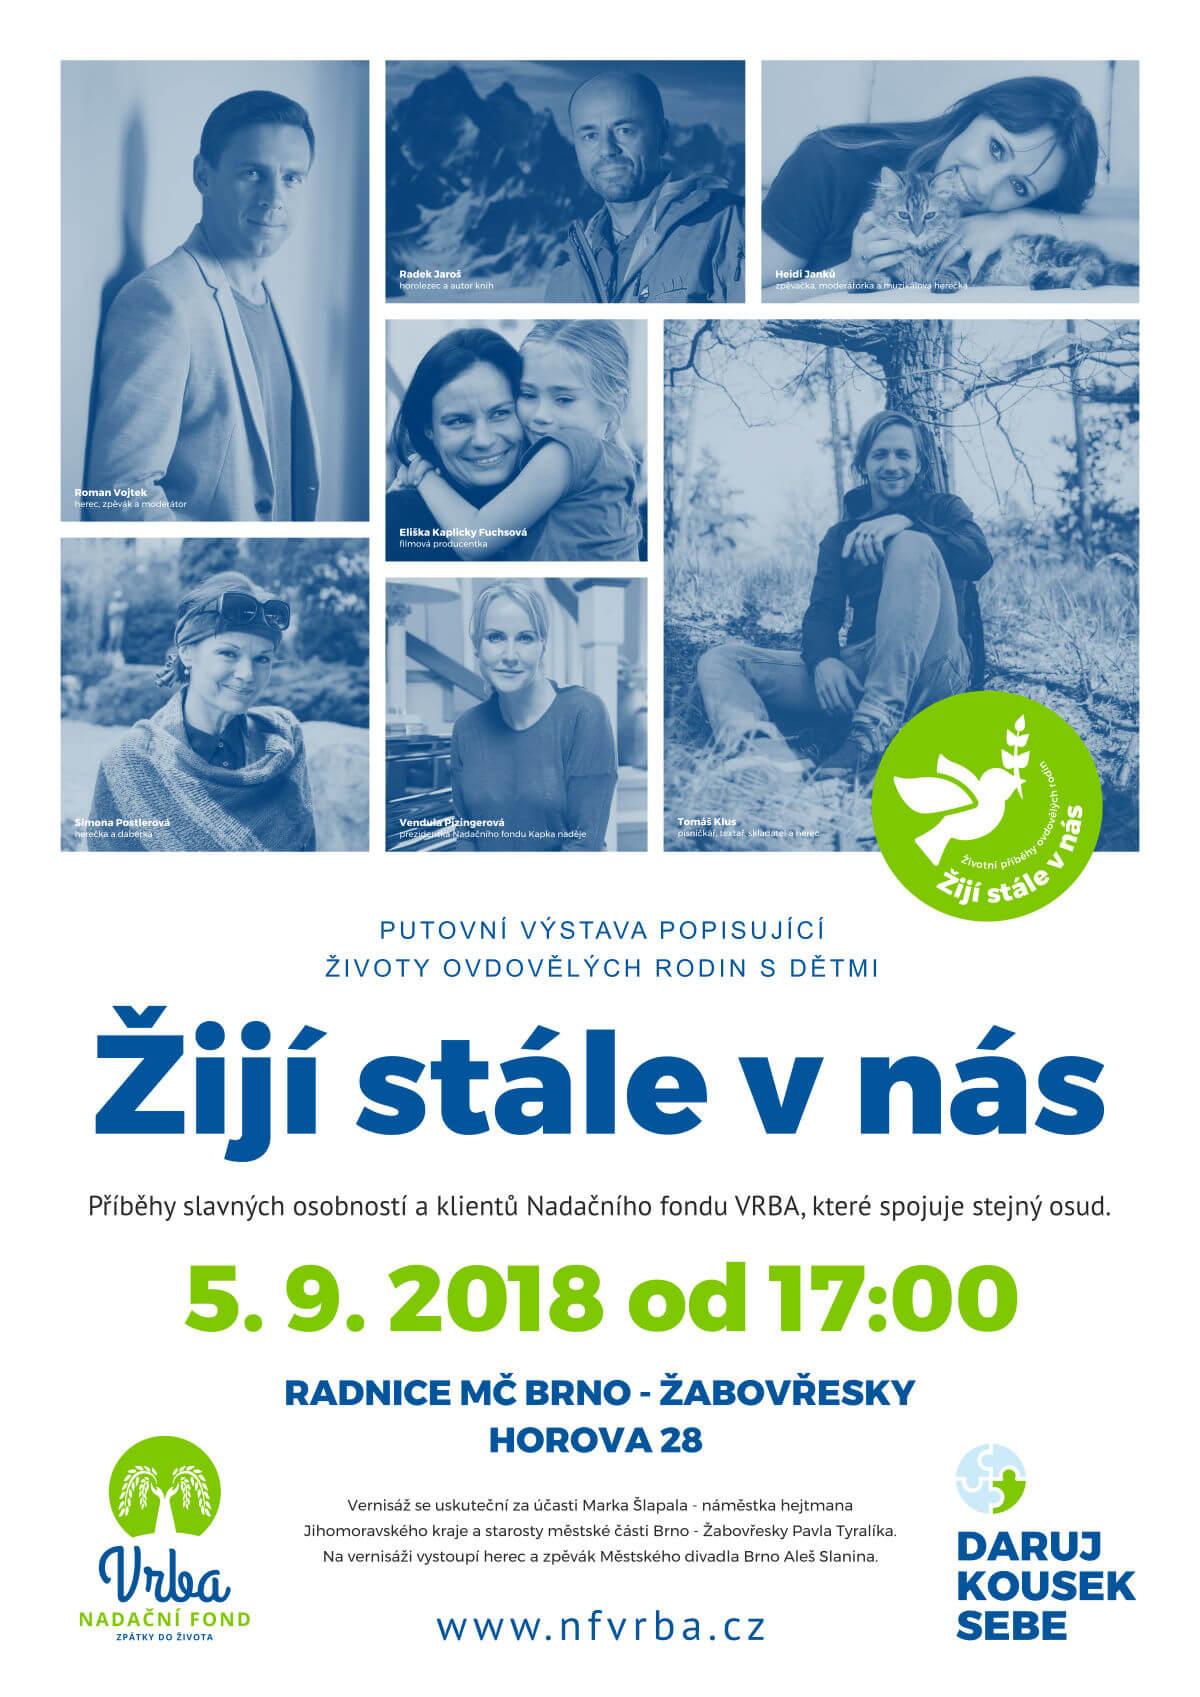 Pozvánka na putovní výstavu Žijí stále v nás (5.9. 2018, Brno-Žabovřesky)